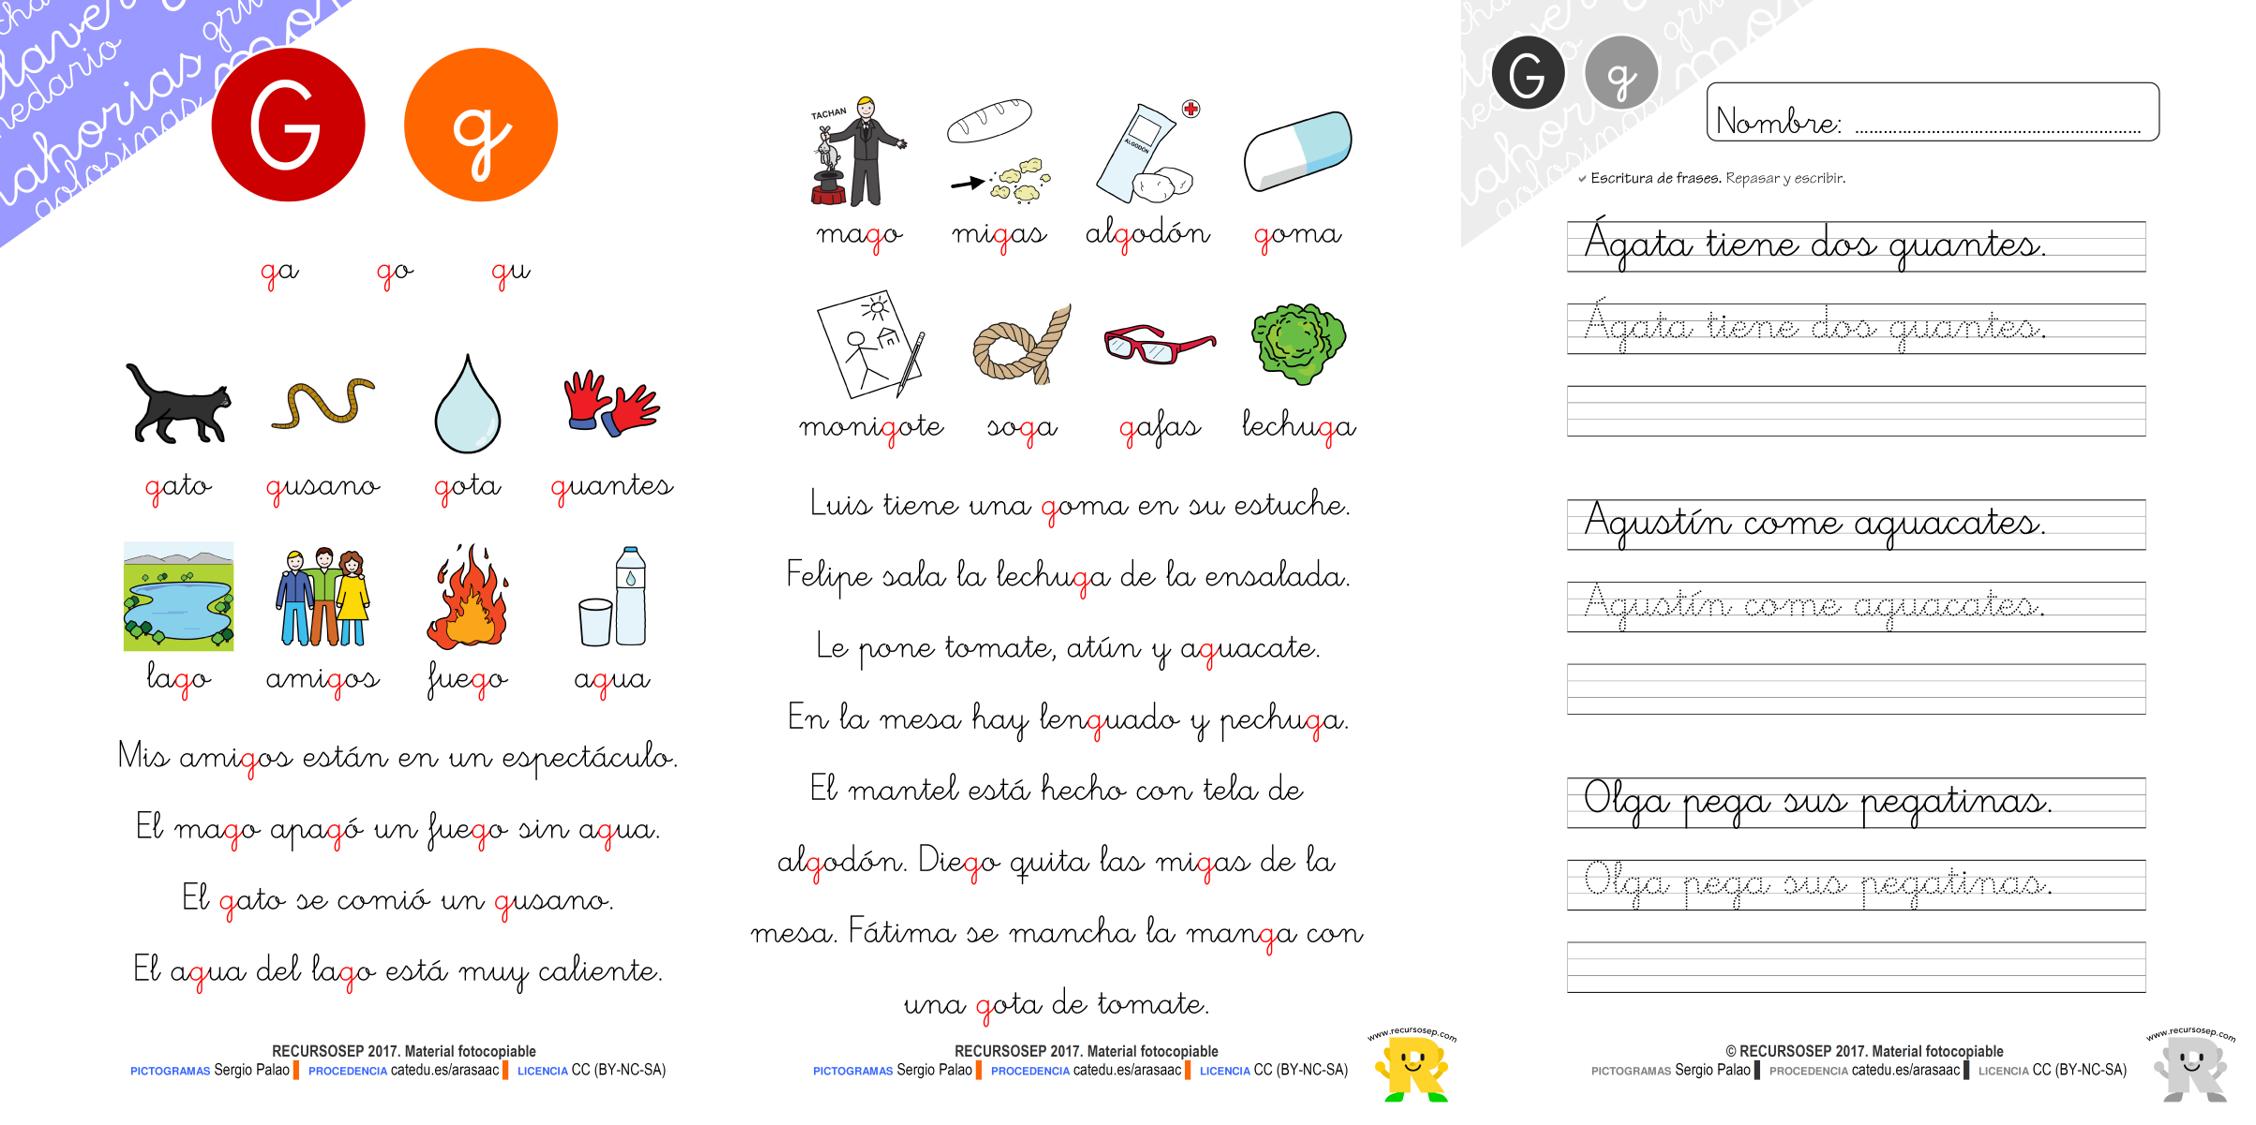 Cartilla para leer: letra G (recursos fotocopiables)